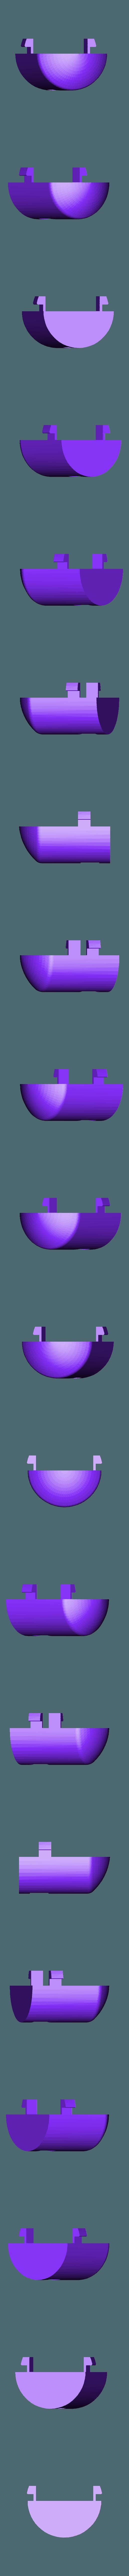 Half_2.STL Télécharger fichier STL gratuit Support_lithophane • Plan pour impression 3D, Desde_el_Almacen